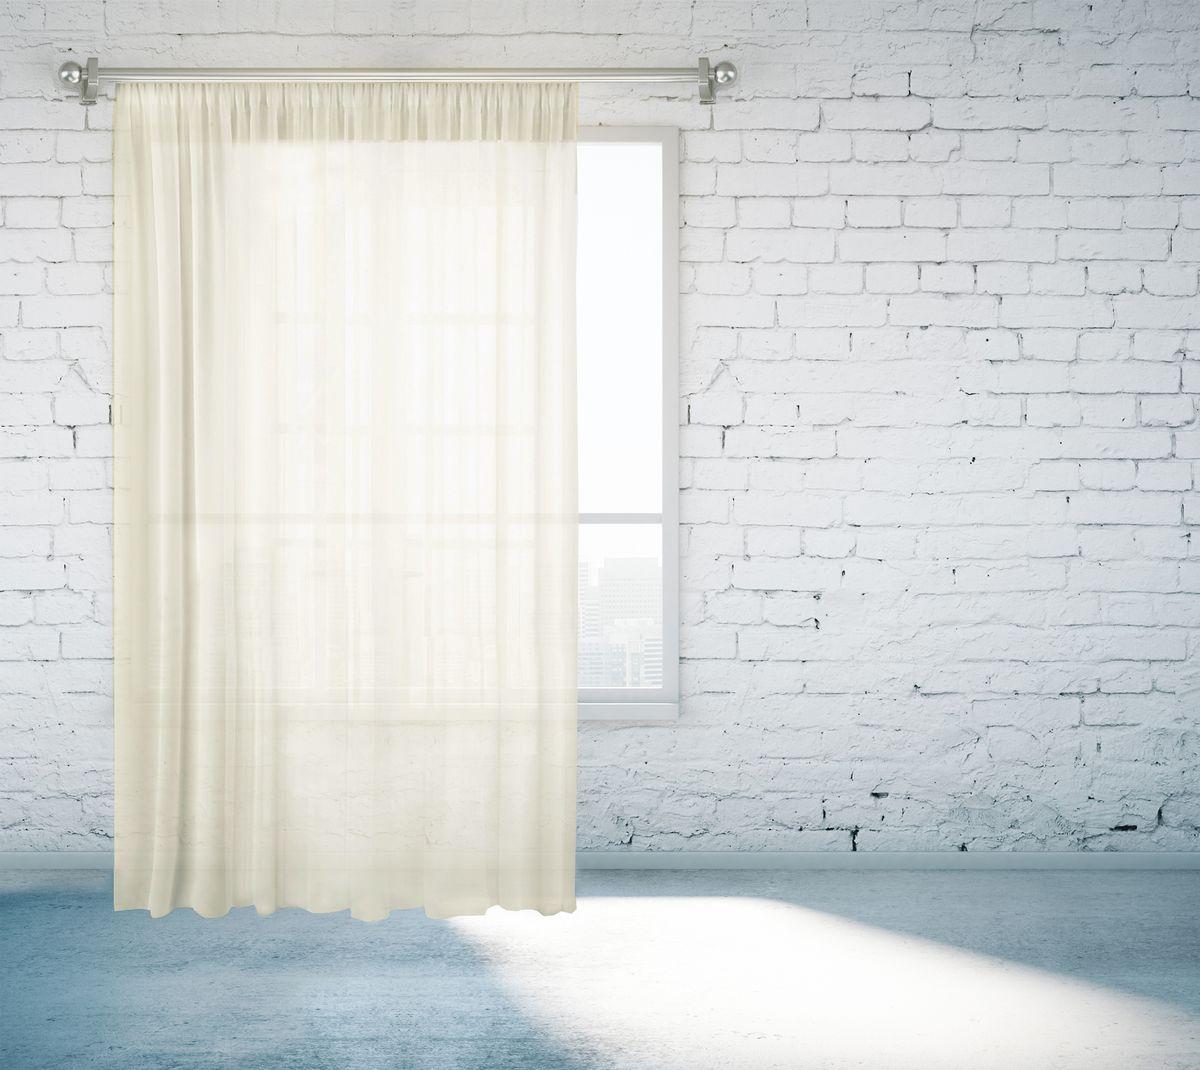 Тюль Zlata Korunka, на ленте, цвет: молочный, высота 260 см. 55670-1455670-14Тюль Zlata Korunka изготовлен из 100% полиэстера и великолепно украсит любое окно. Воздушная ткань и приятная, приглушенная гамма привлекут к себе внимание и органично впишутся в интерьер помещения. Полиэстер - вид ткани, состоящий из полиэфирных волокон. Ткани из полиэстера - легкие, прочные и износостойкие. Такие изделия не требуют специального ухода, не пылятся и почти не мнутся.Крепление к карнизу осуществляется с использованием тесьмы. Такой тюль идеально оформит интерьер любого помещения.